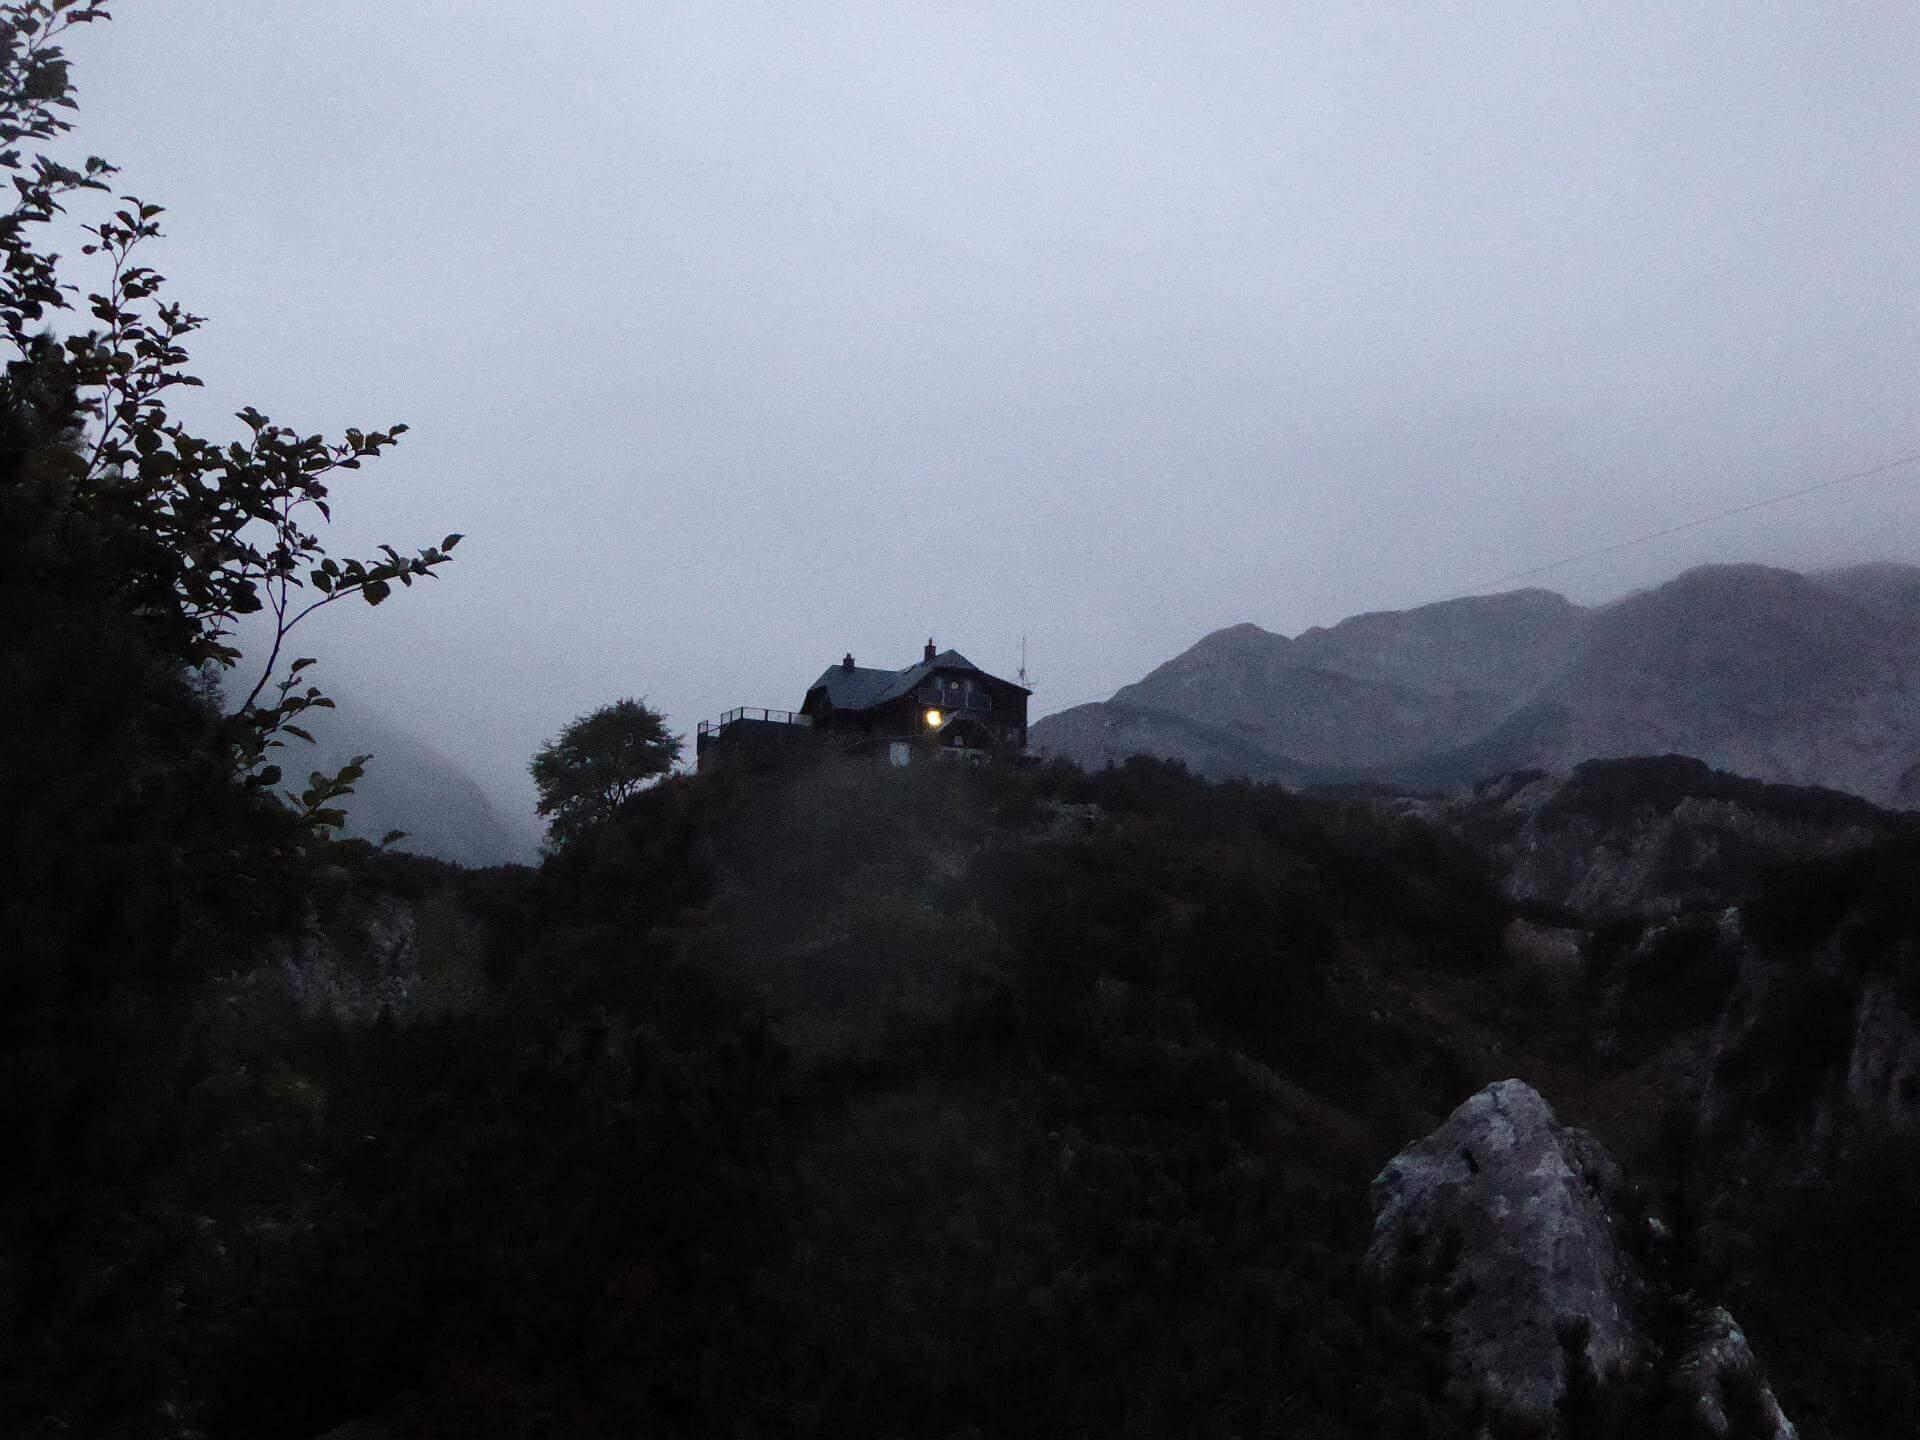 Voisthalerhütte in der Dämmerung. © 2015 HM